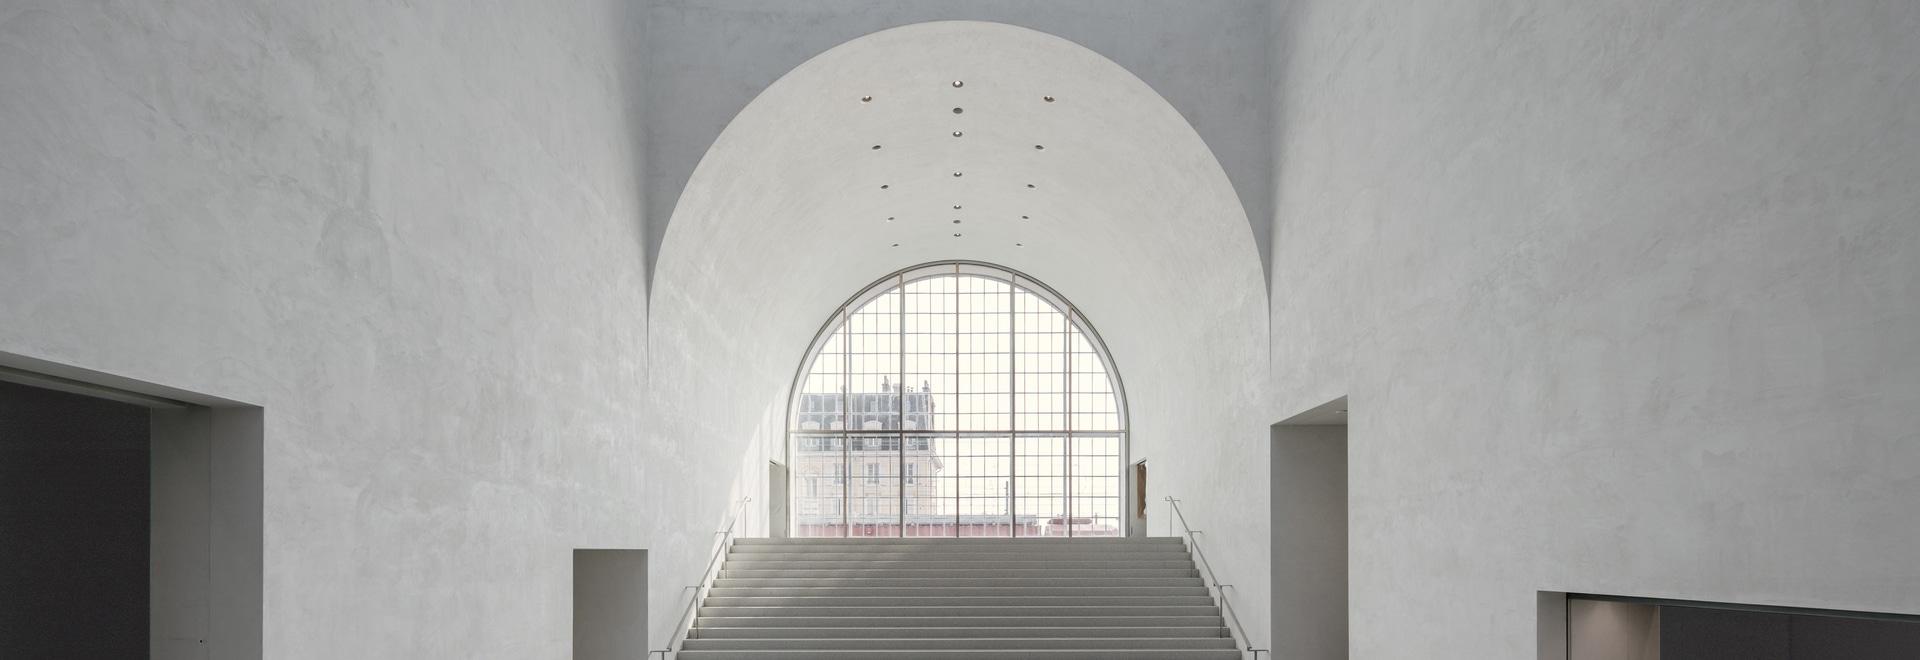 MCBA - Musée Cantonal des Beaux-Arts de Lausanne